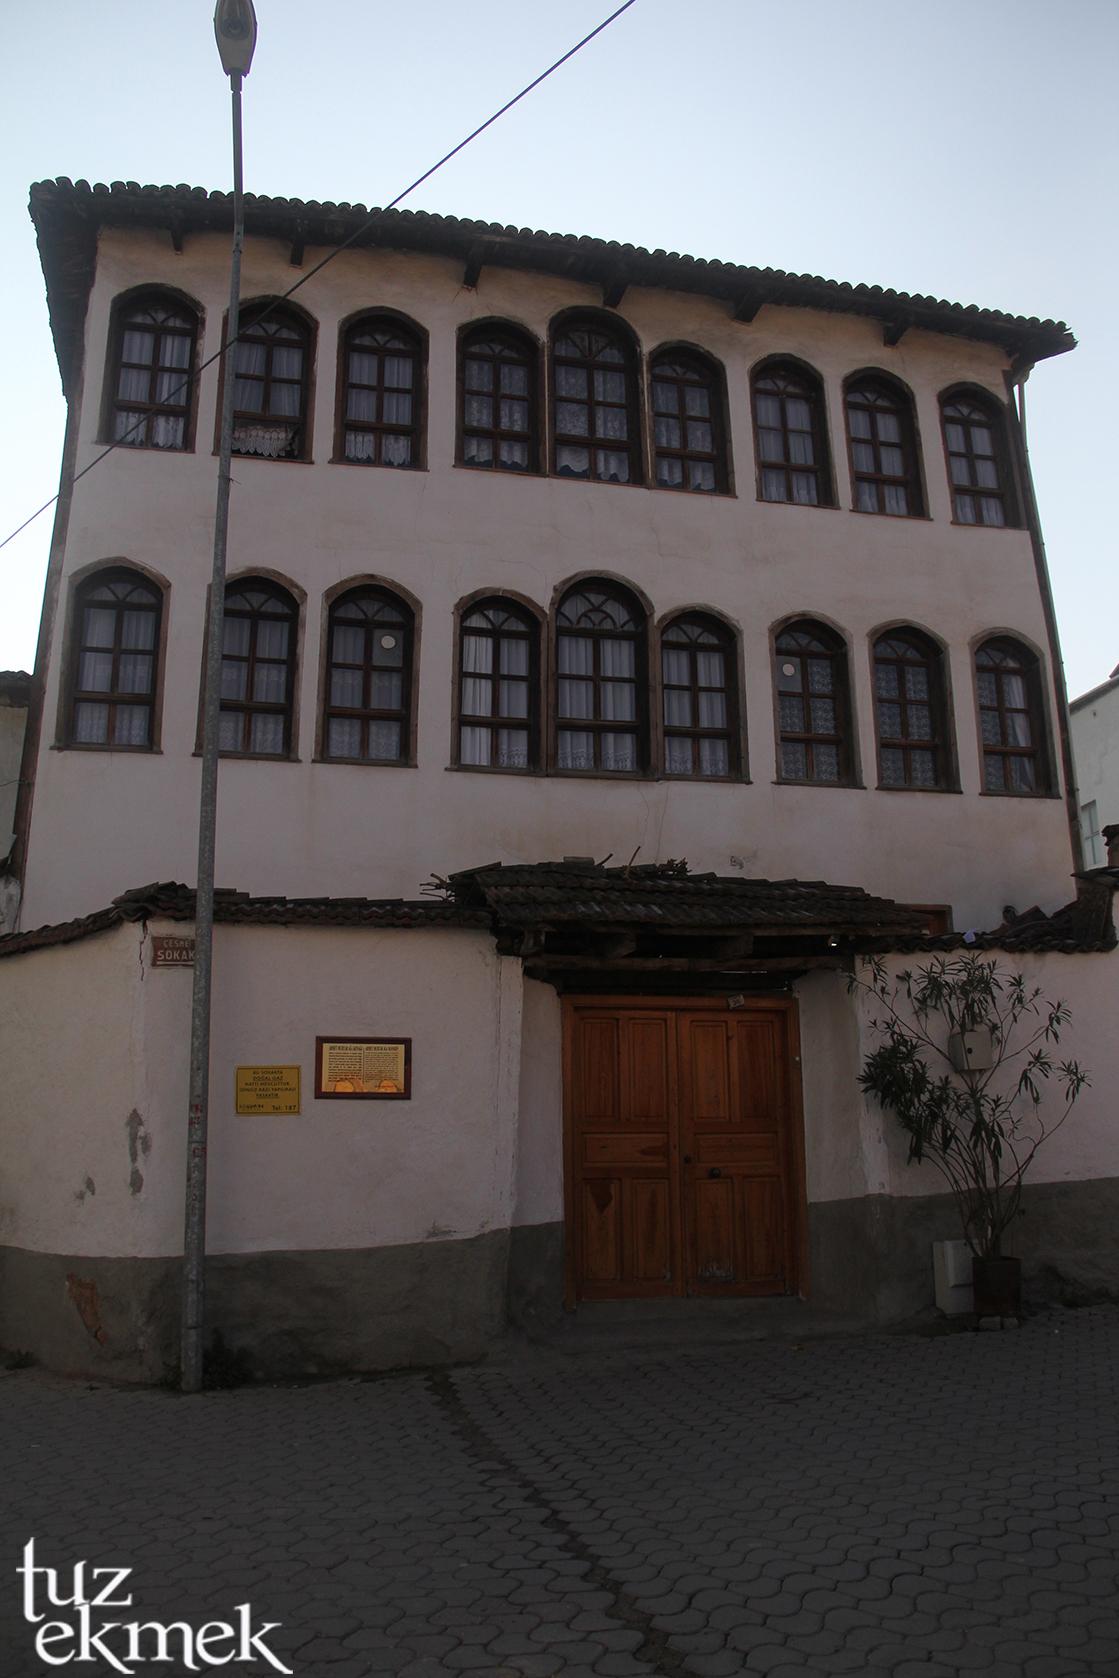 sokak9-9